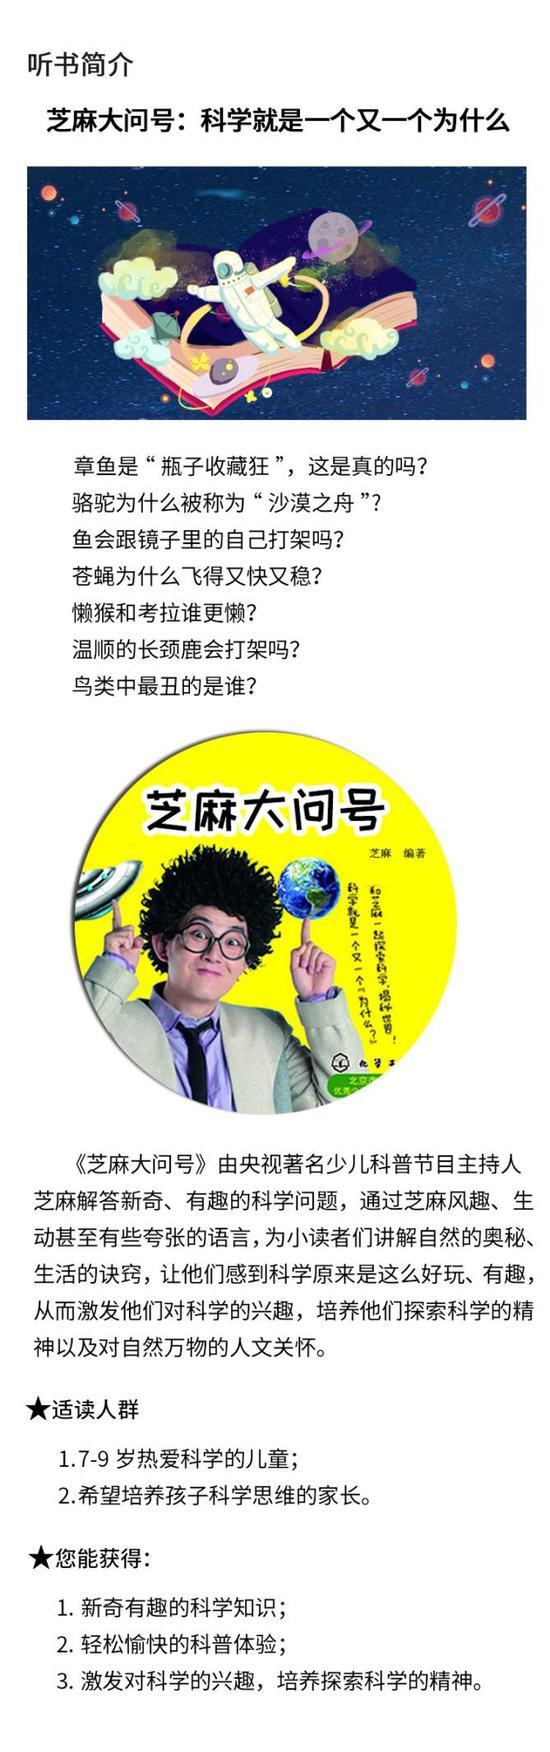 """""""双十一学习节""""疯狂来袭:KaDa故事超值好课抢购中"""